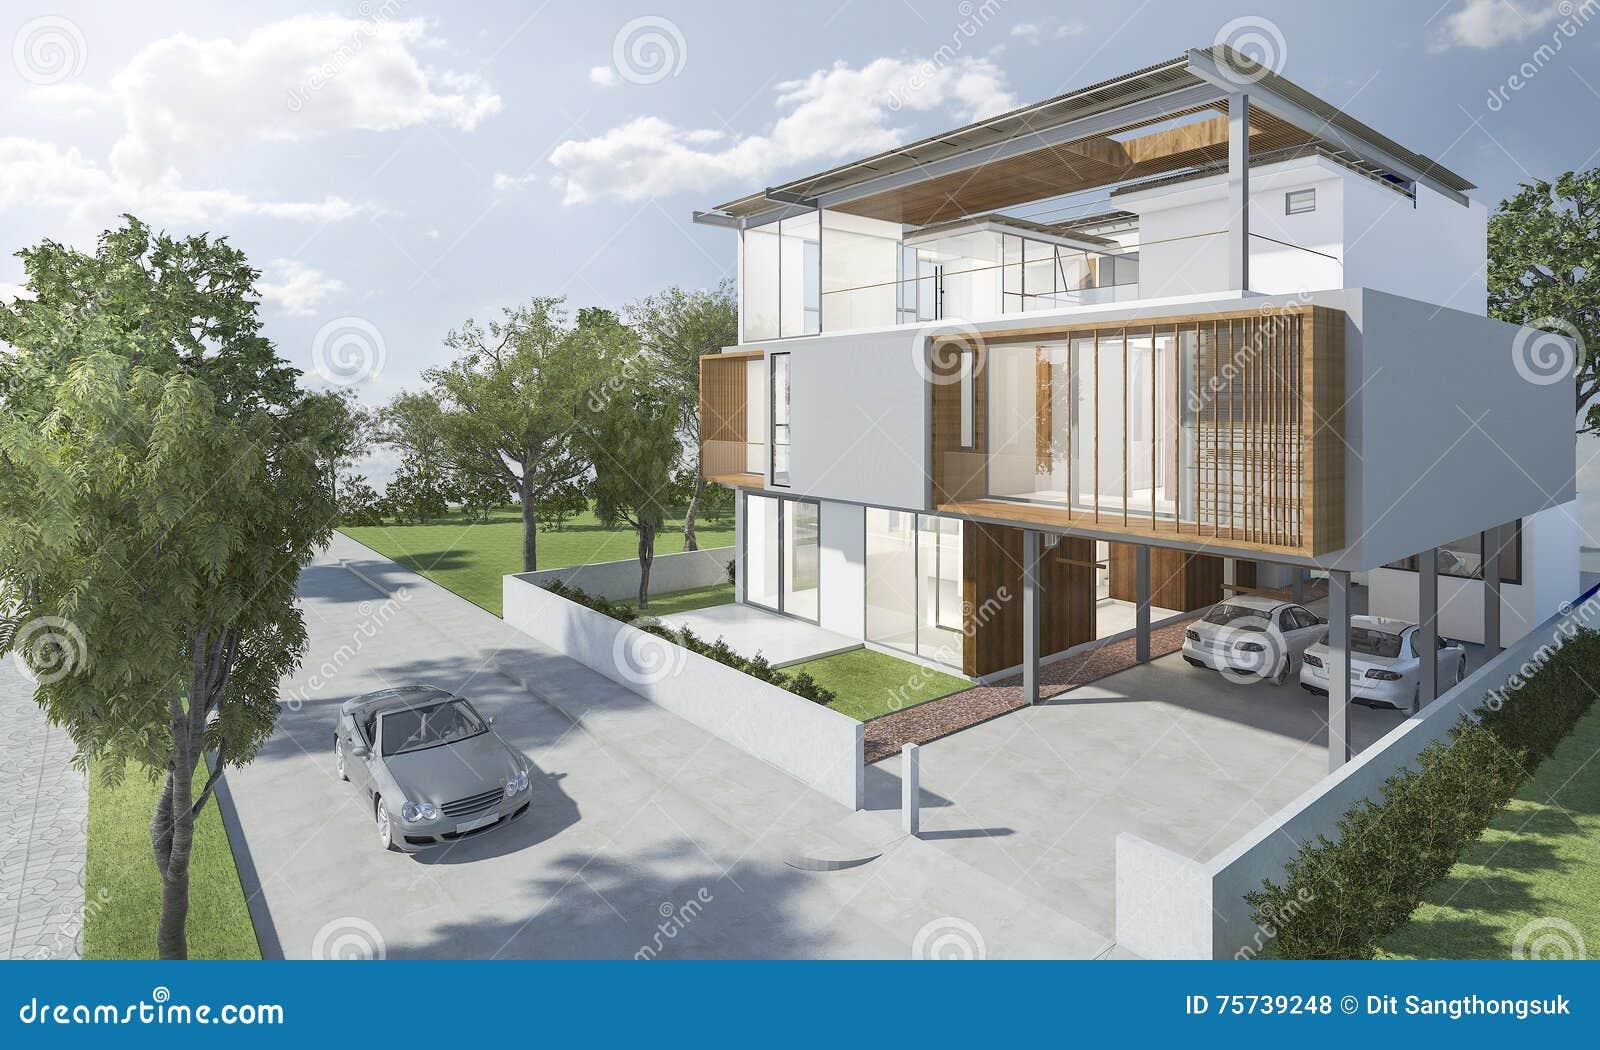 Exterieur moderne de la conception de la maison for Piani di house designer casa